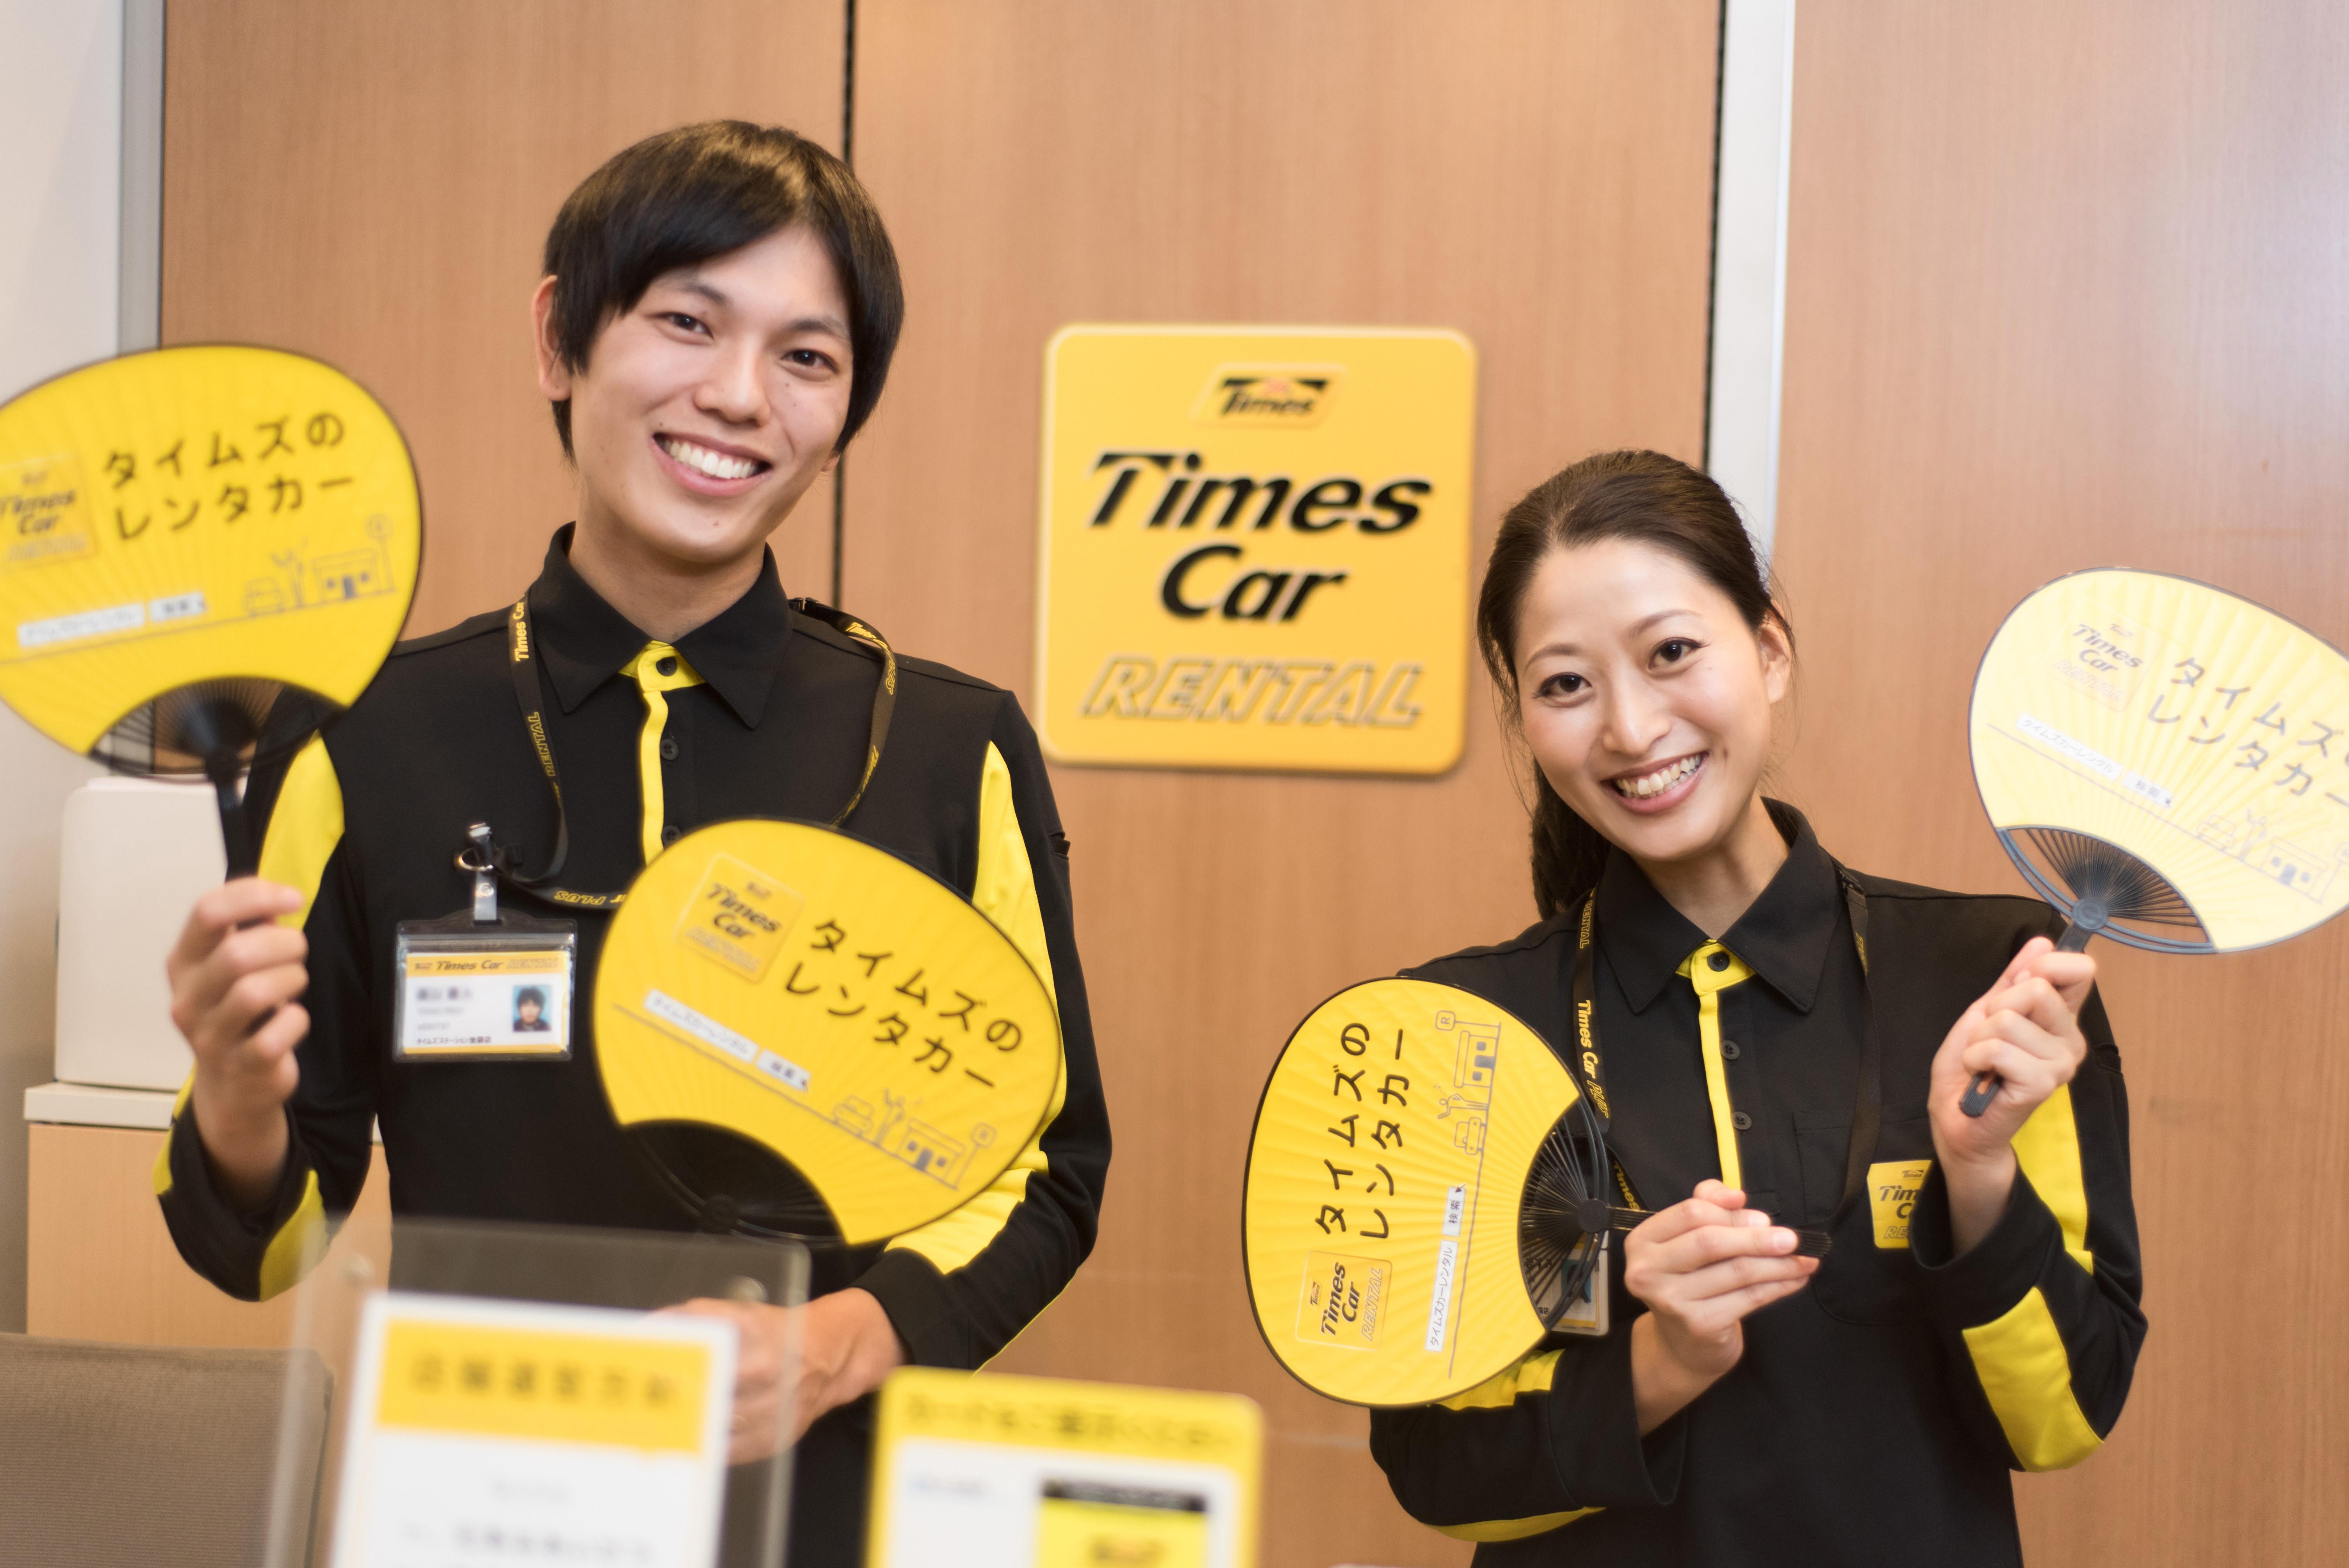 タイムズカーレンタル 仙台大町店 のアルバイト情報